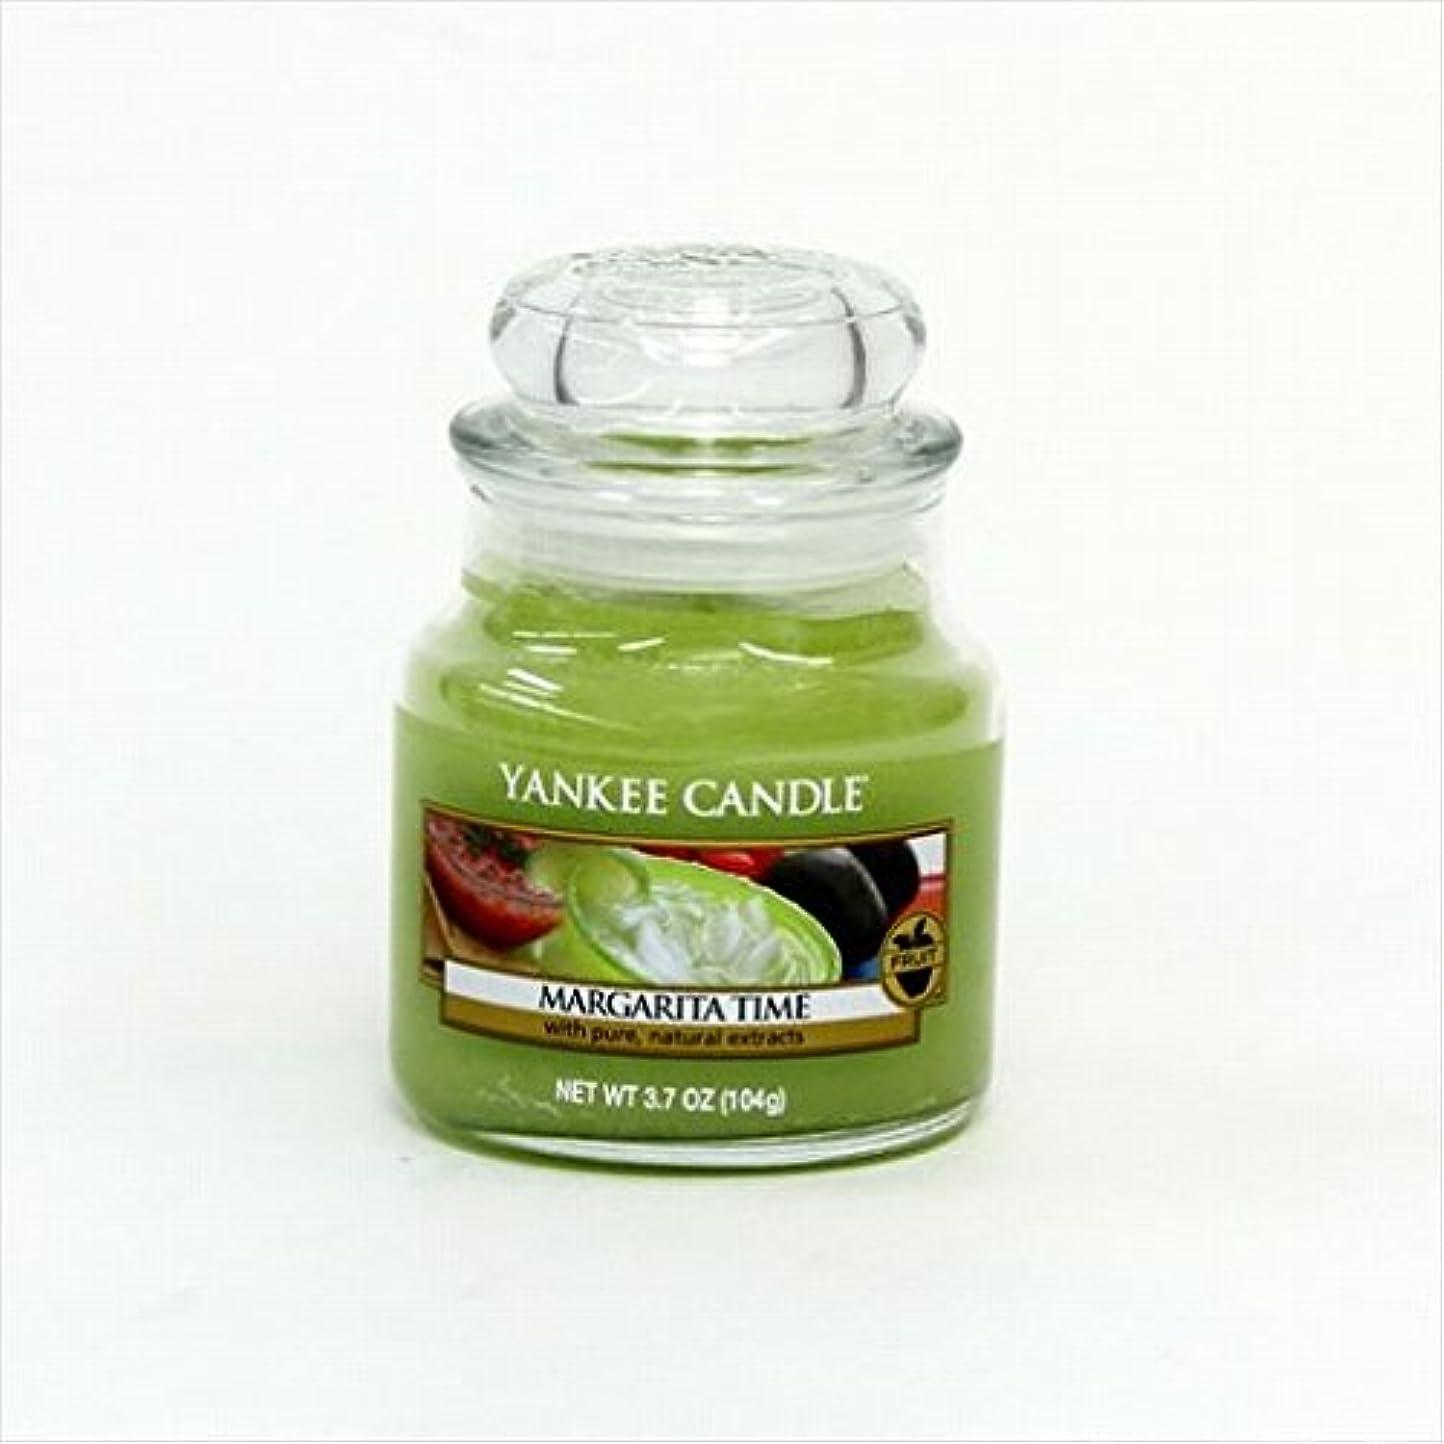 巻き戻す集団コークスカメヤマキャンドル(kameyama candle) YANKEE CANDLE ジャーS 「 マルガリータ タイム 」